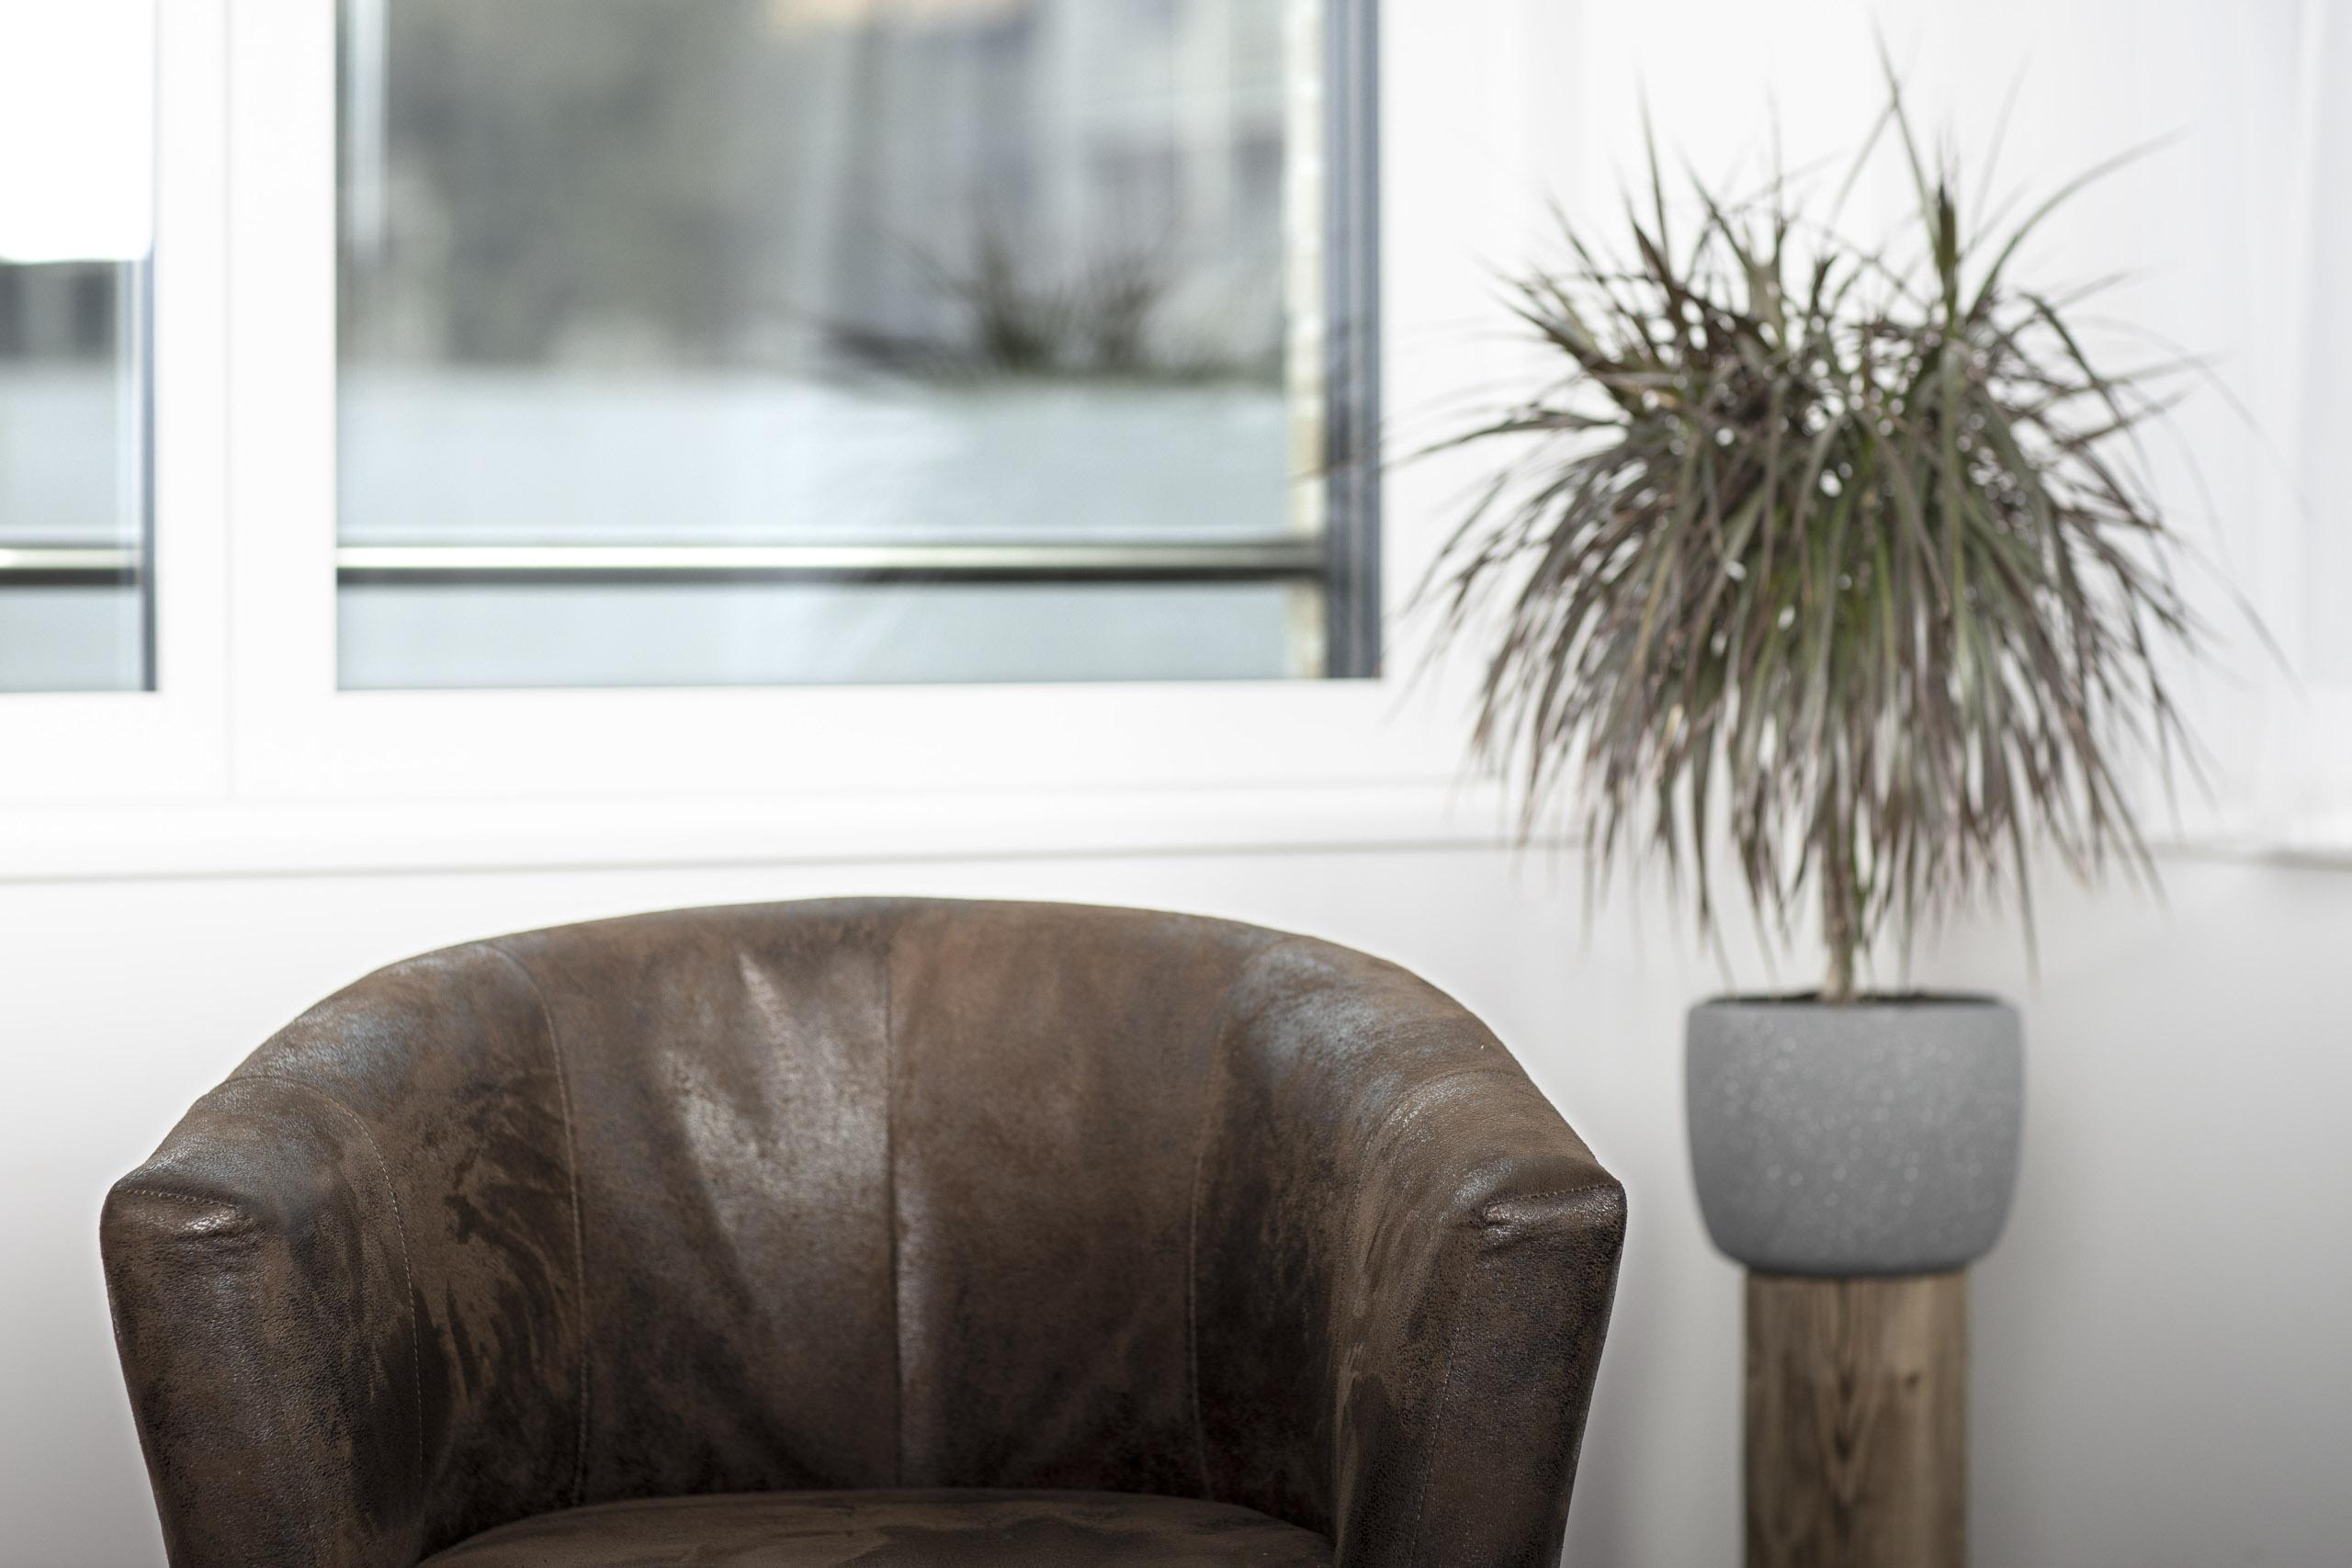 Sessel und Zimmerpflanze in einer Psychologischen Praxis